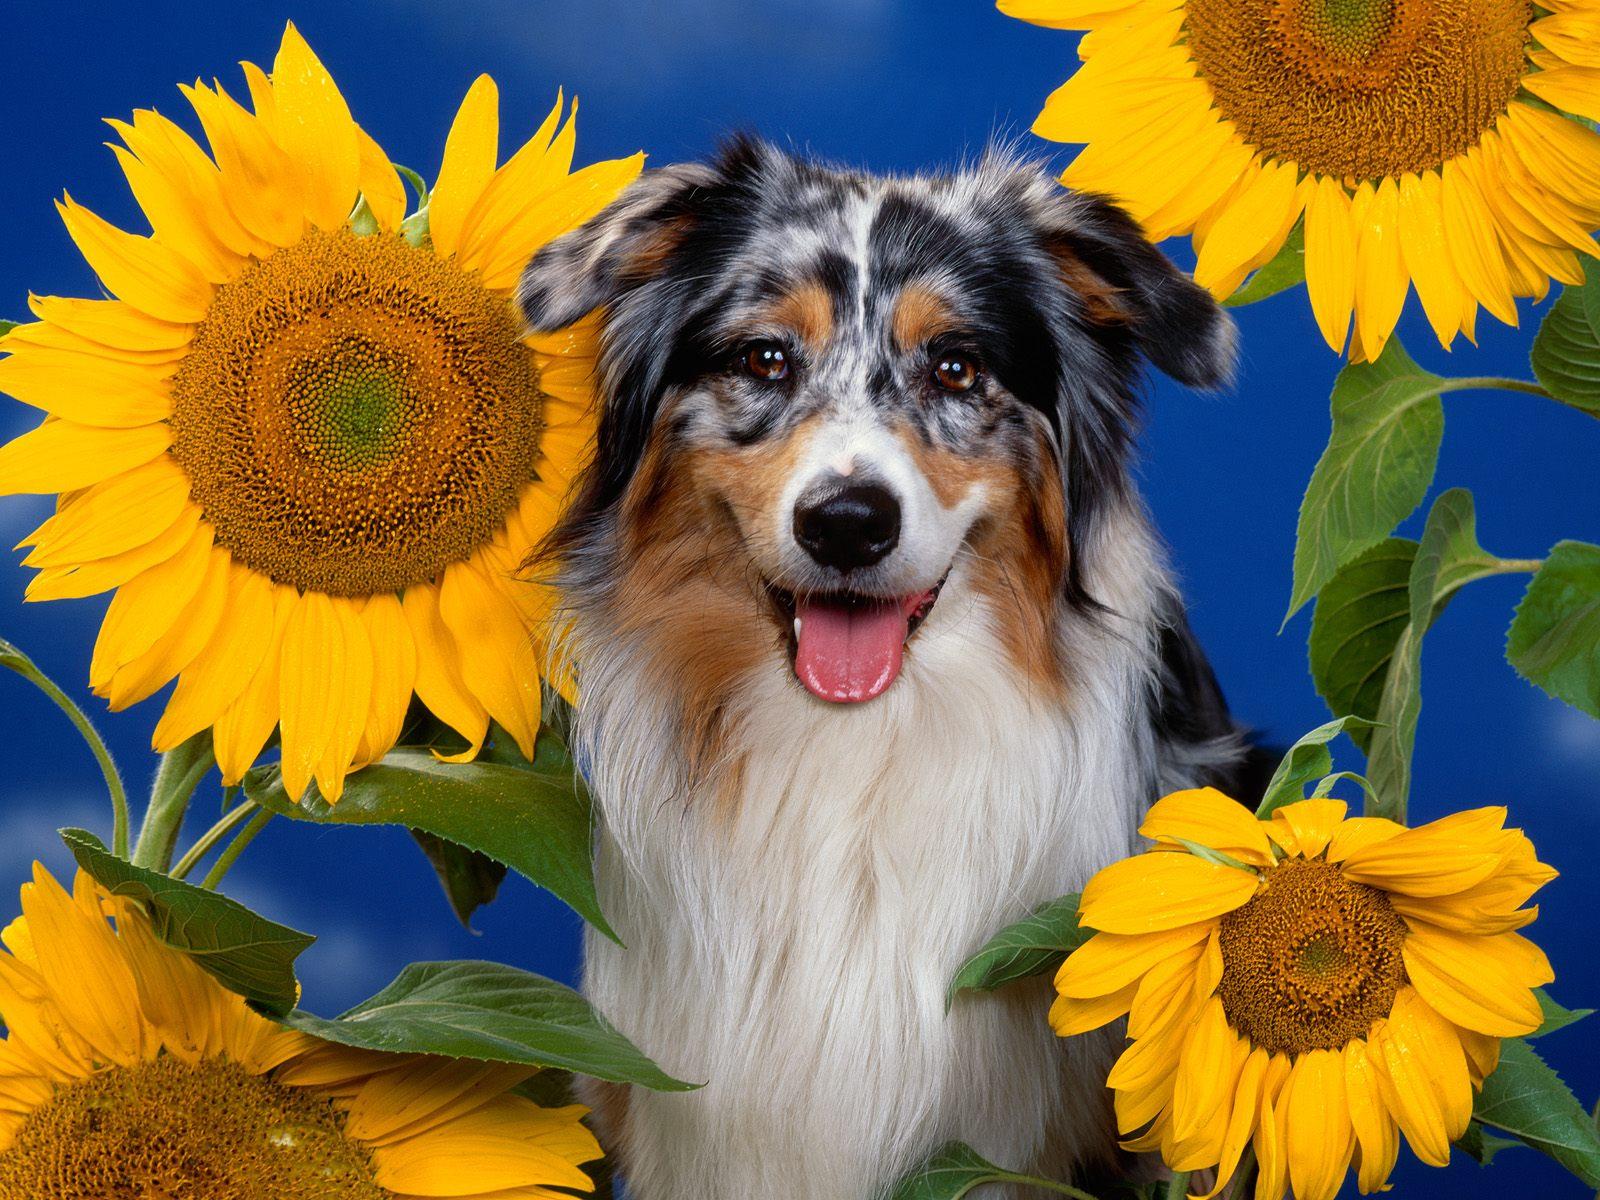 http://3.bp.blogspot.com/_m1Z6uxpmlU8/TSXmNijqUeI/AAAAAAAADCk/4h5DeVXldIs/s1600/animal_0037.jpg